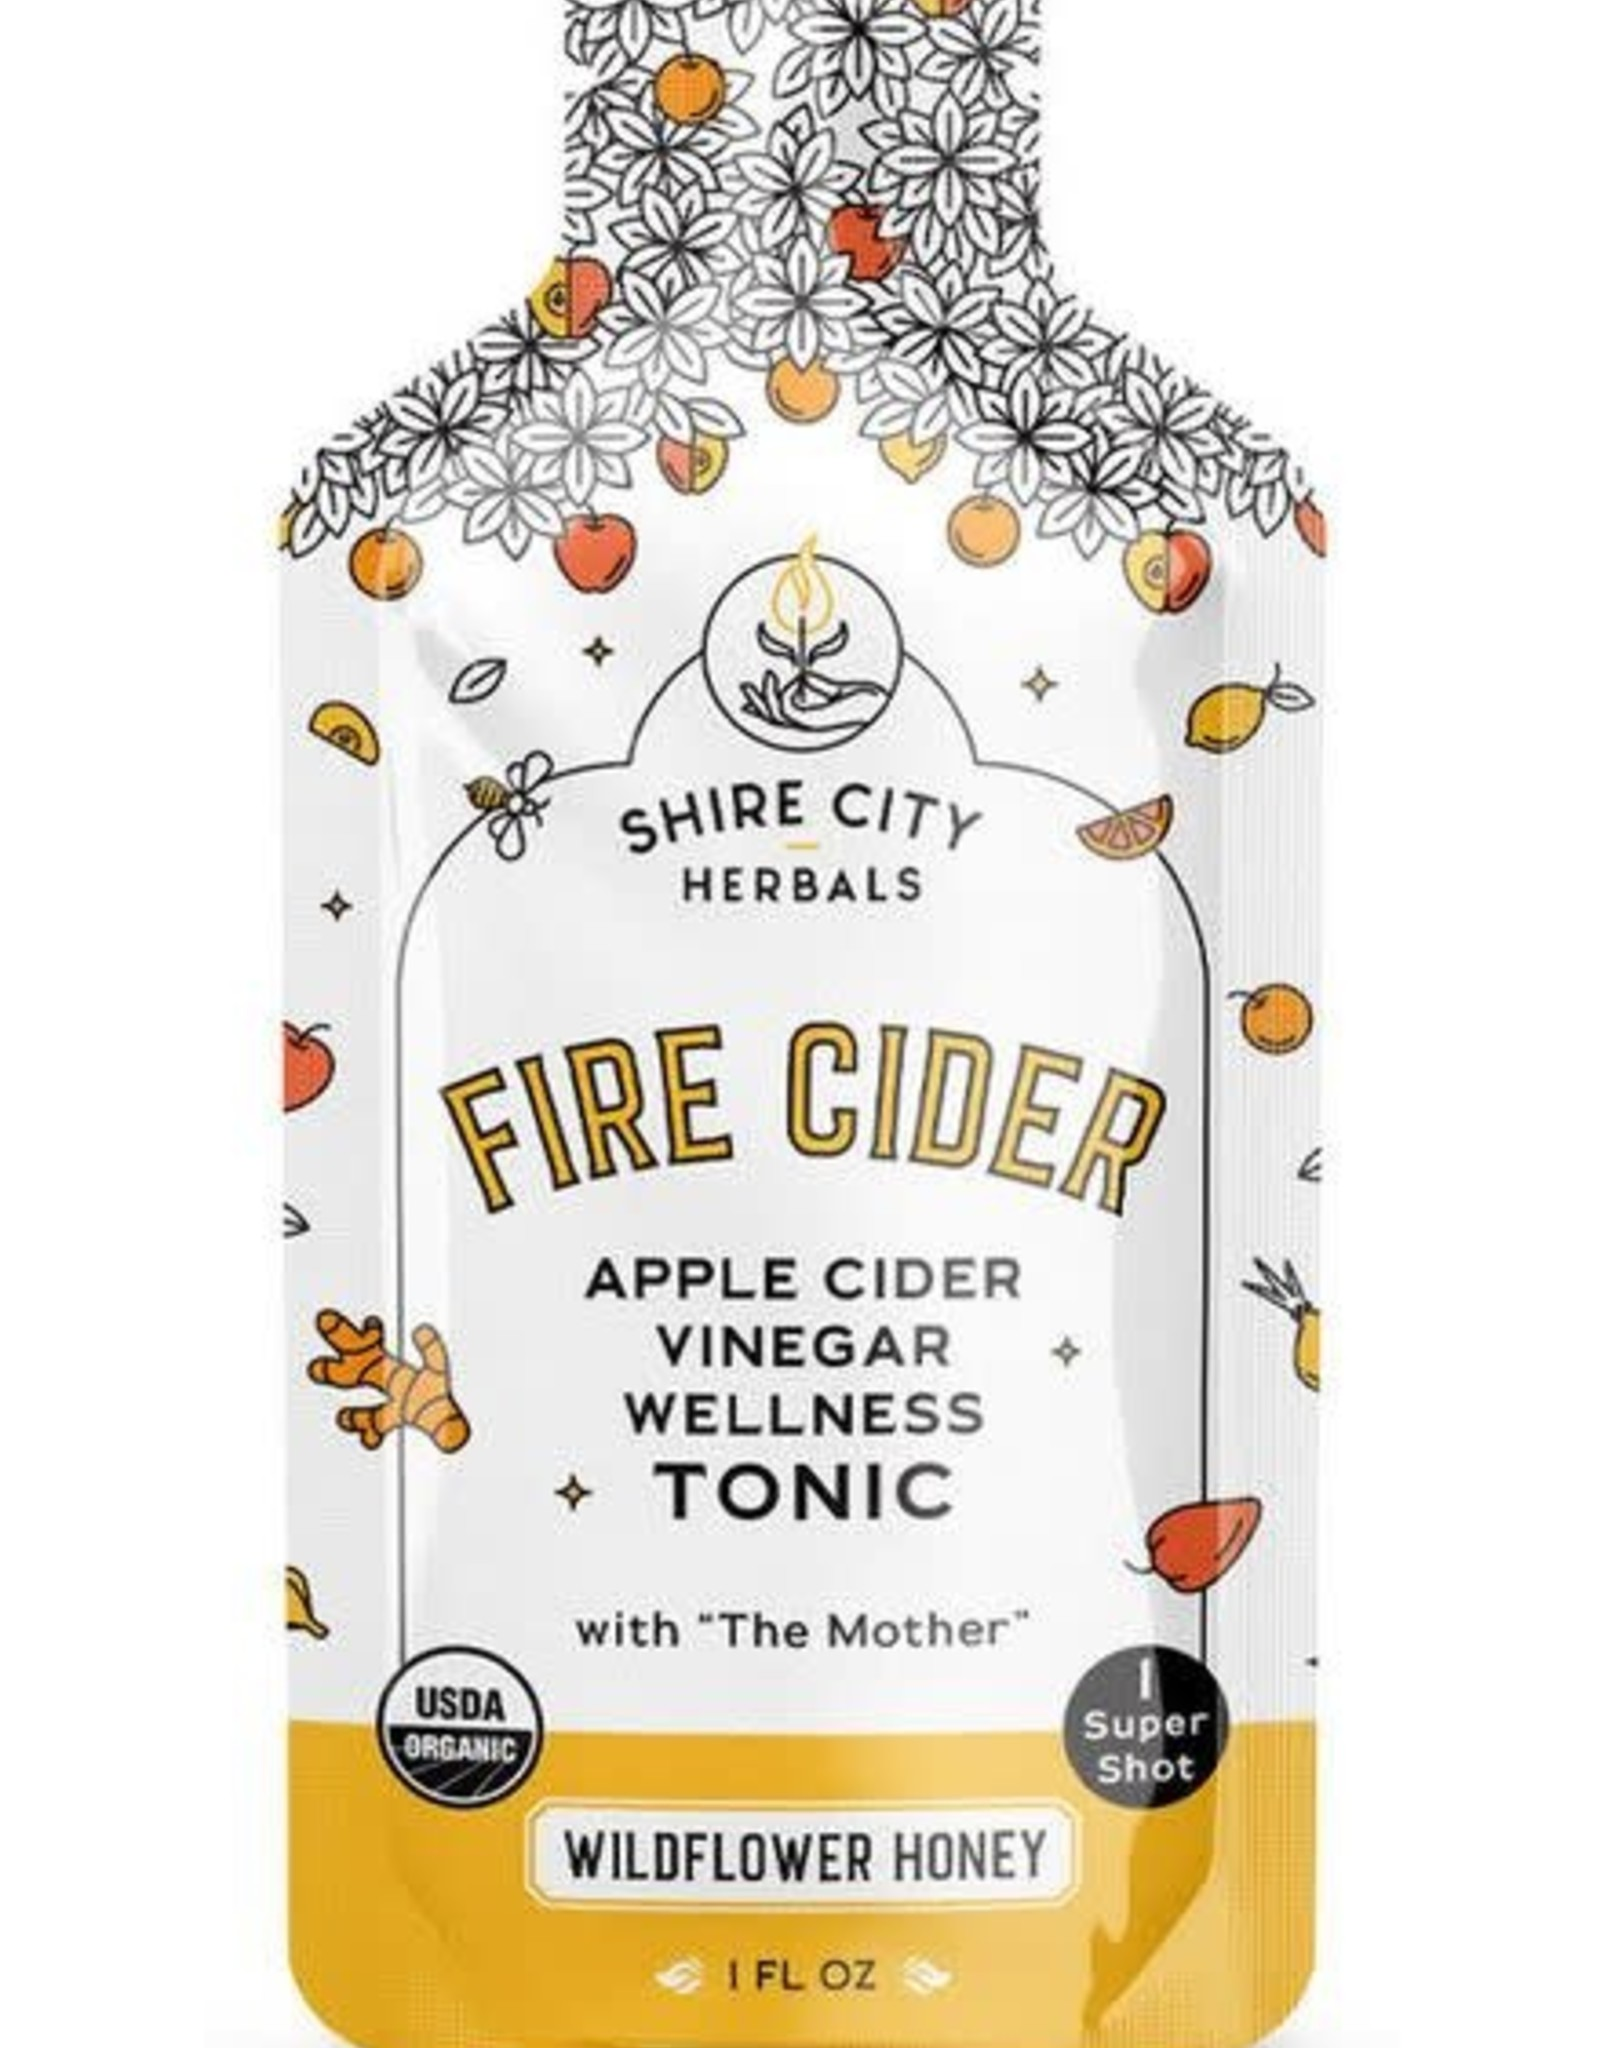 Abound Fire Cider Single